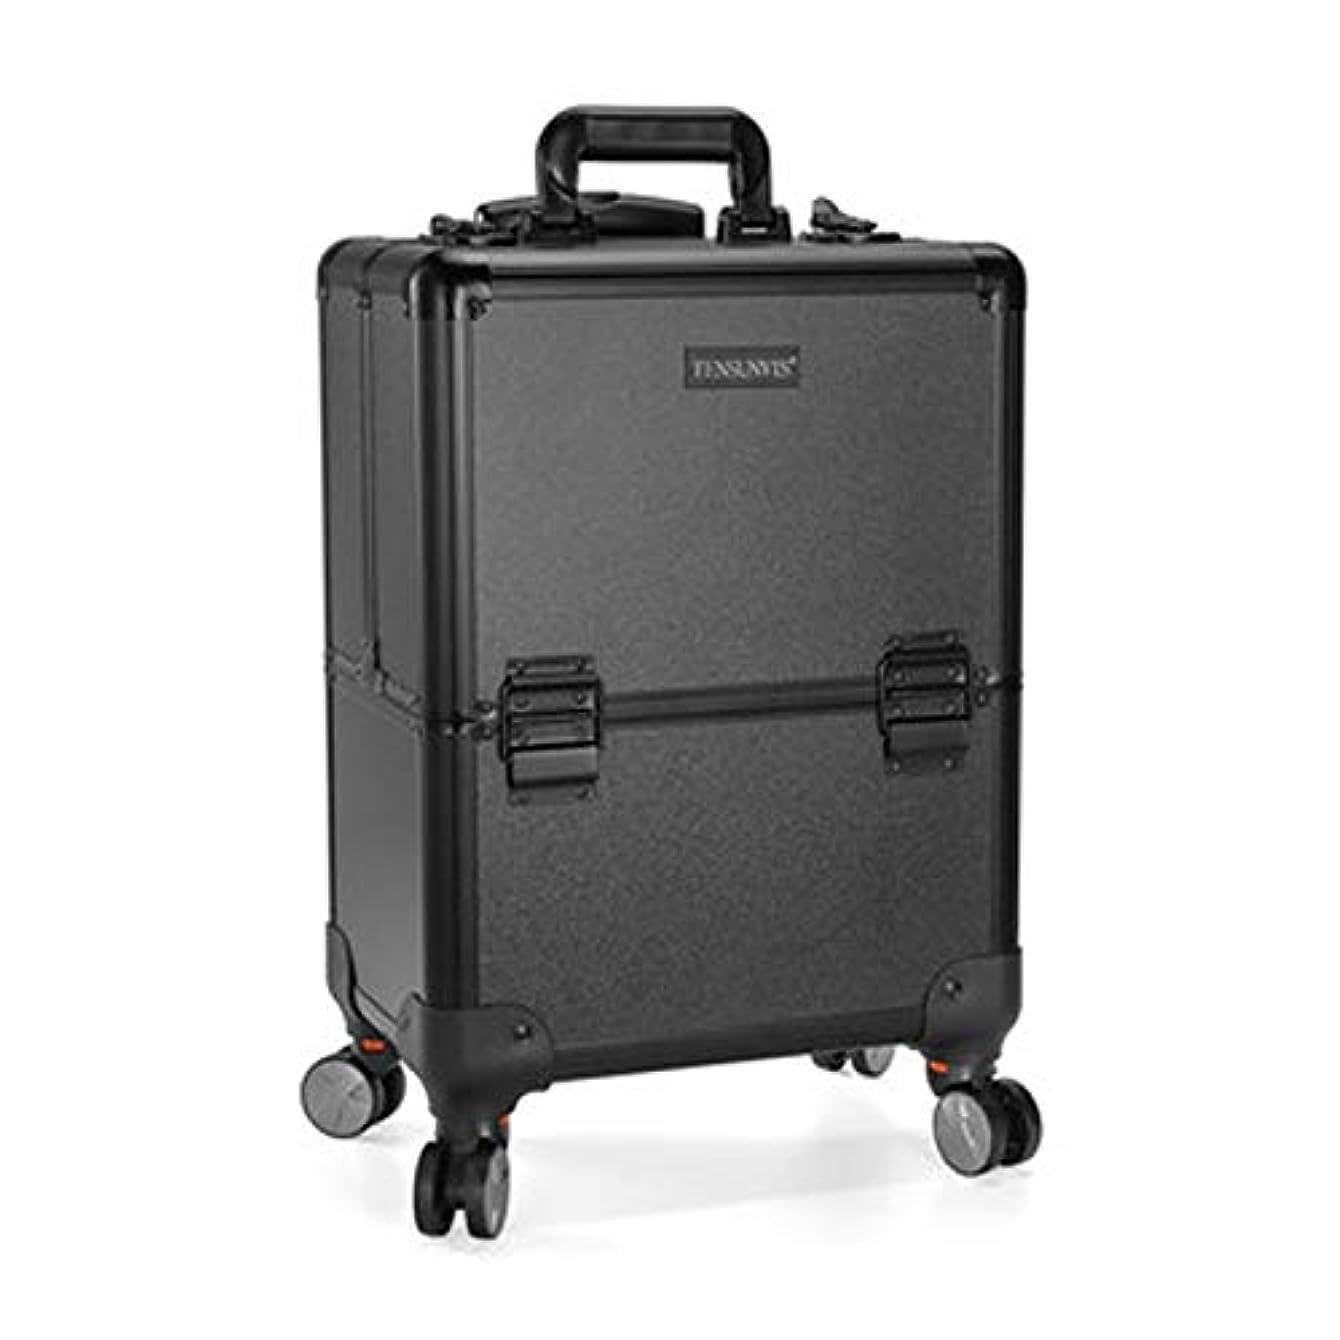 クローンロール簡略化するプロ専用 美容師 クローゼット スーツケース メイクボックス キャリーバッグ ヘアメイク プロ 大容量 軽量 高品質 多機能 I-TT-317T-B